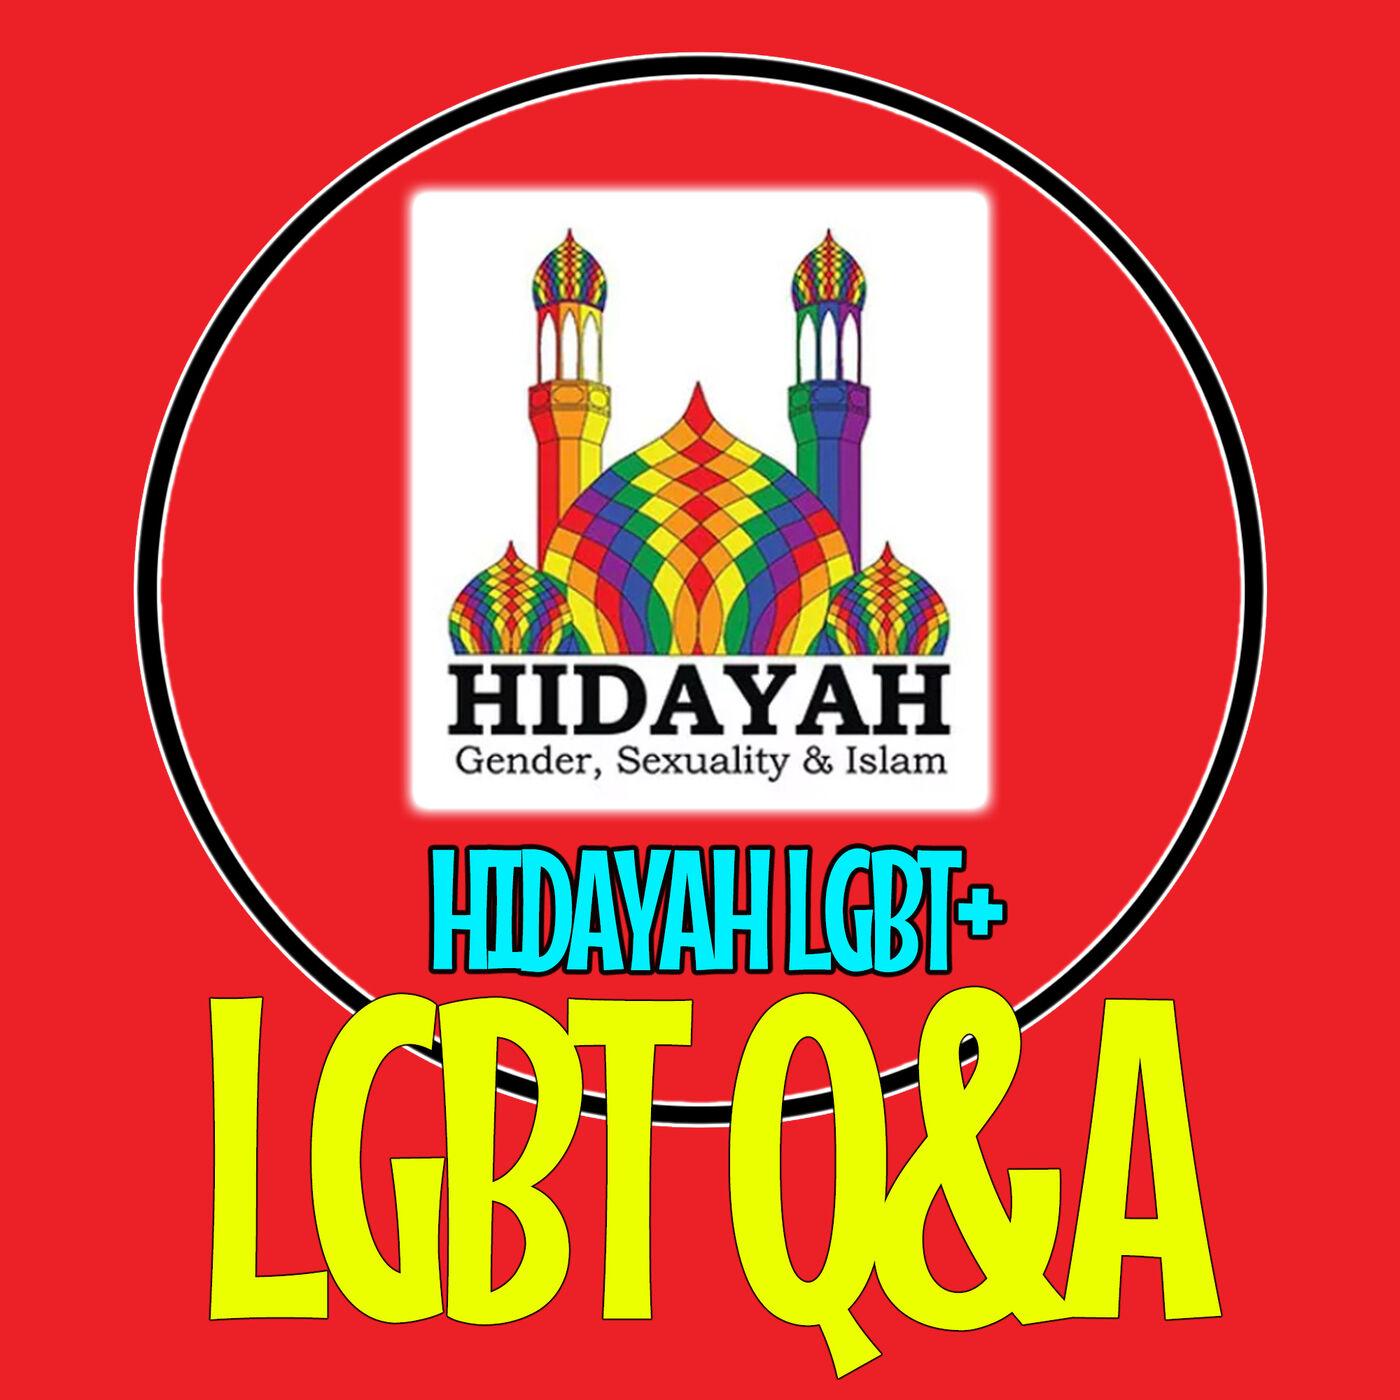 LGBT Q&A - Hidayah LGBT+ (Interview)